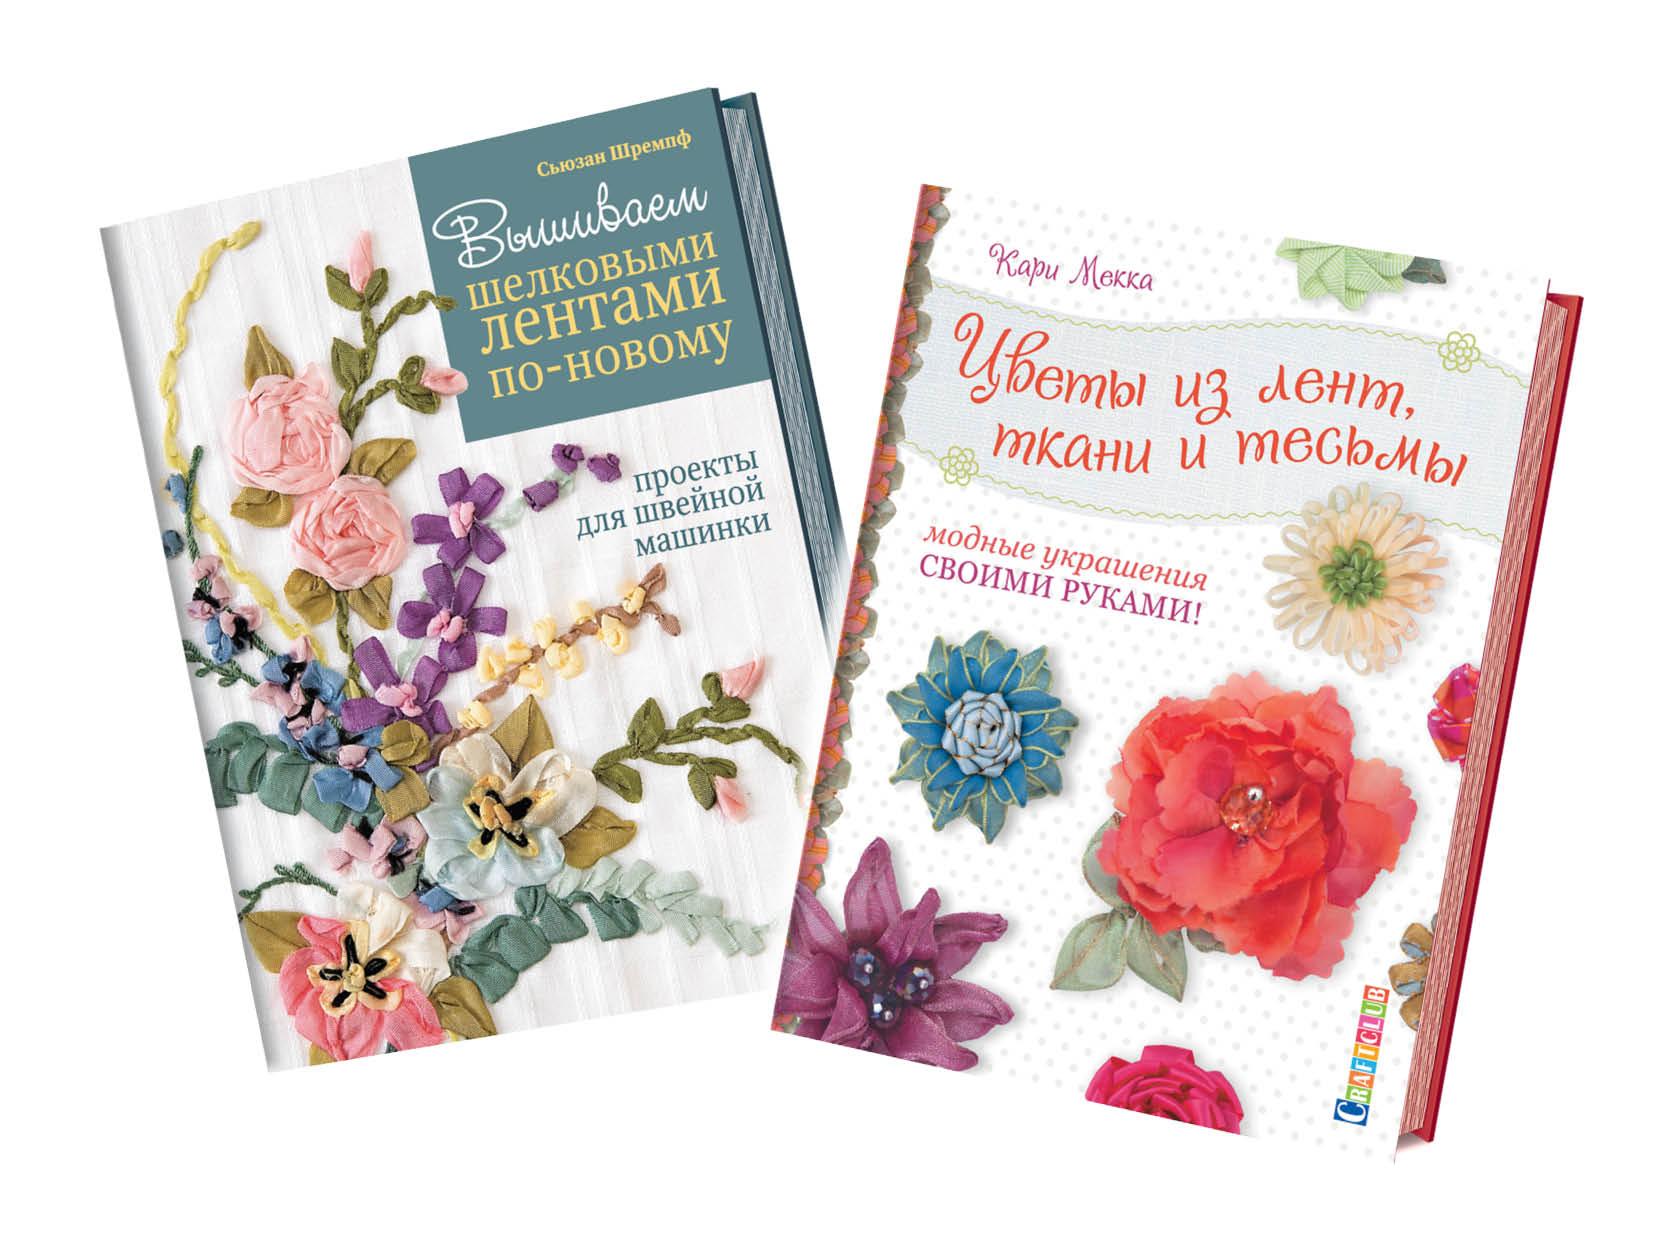 Сьюзан Шремпф,Кари Мекка Работа с лентами (комплект из 2 книг)